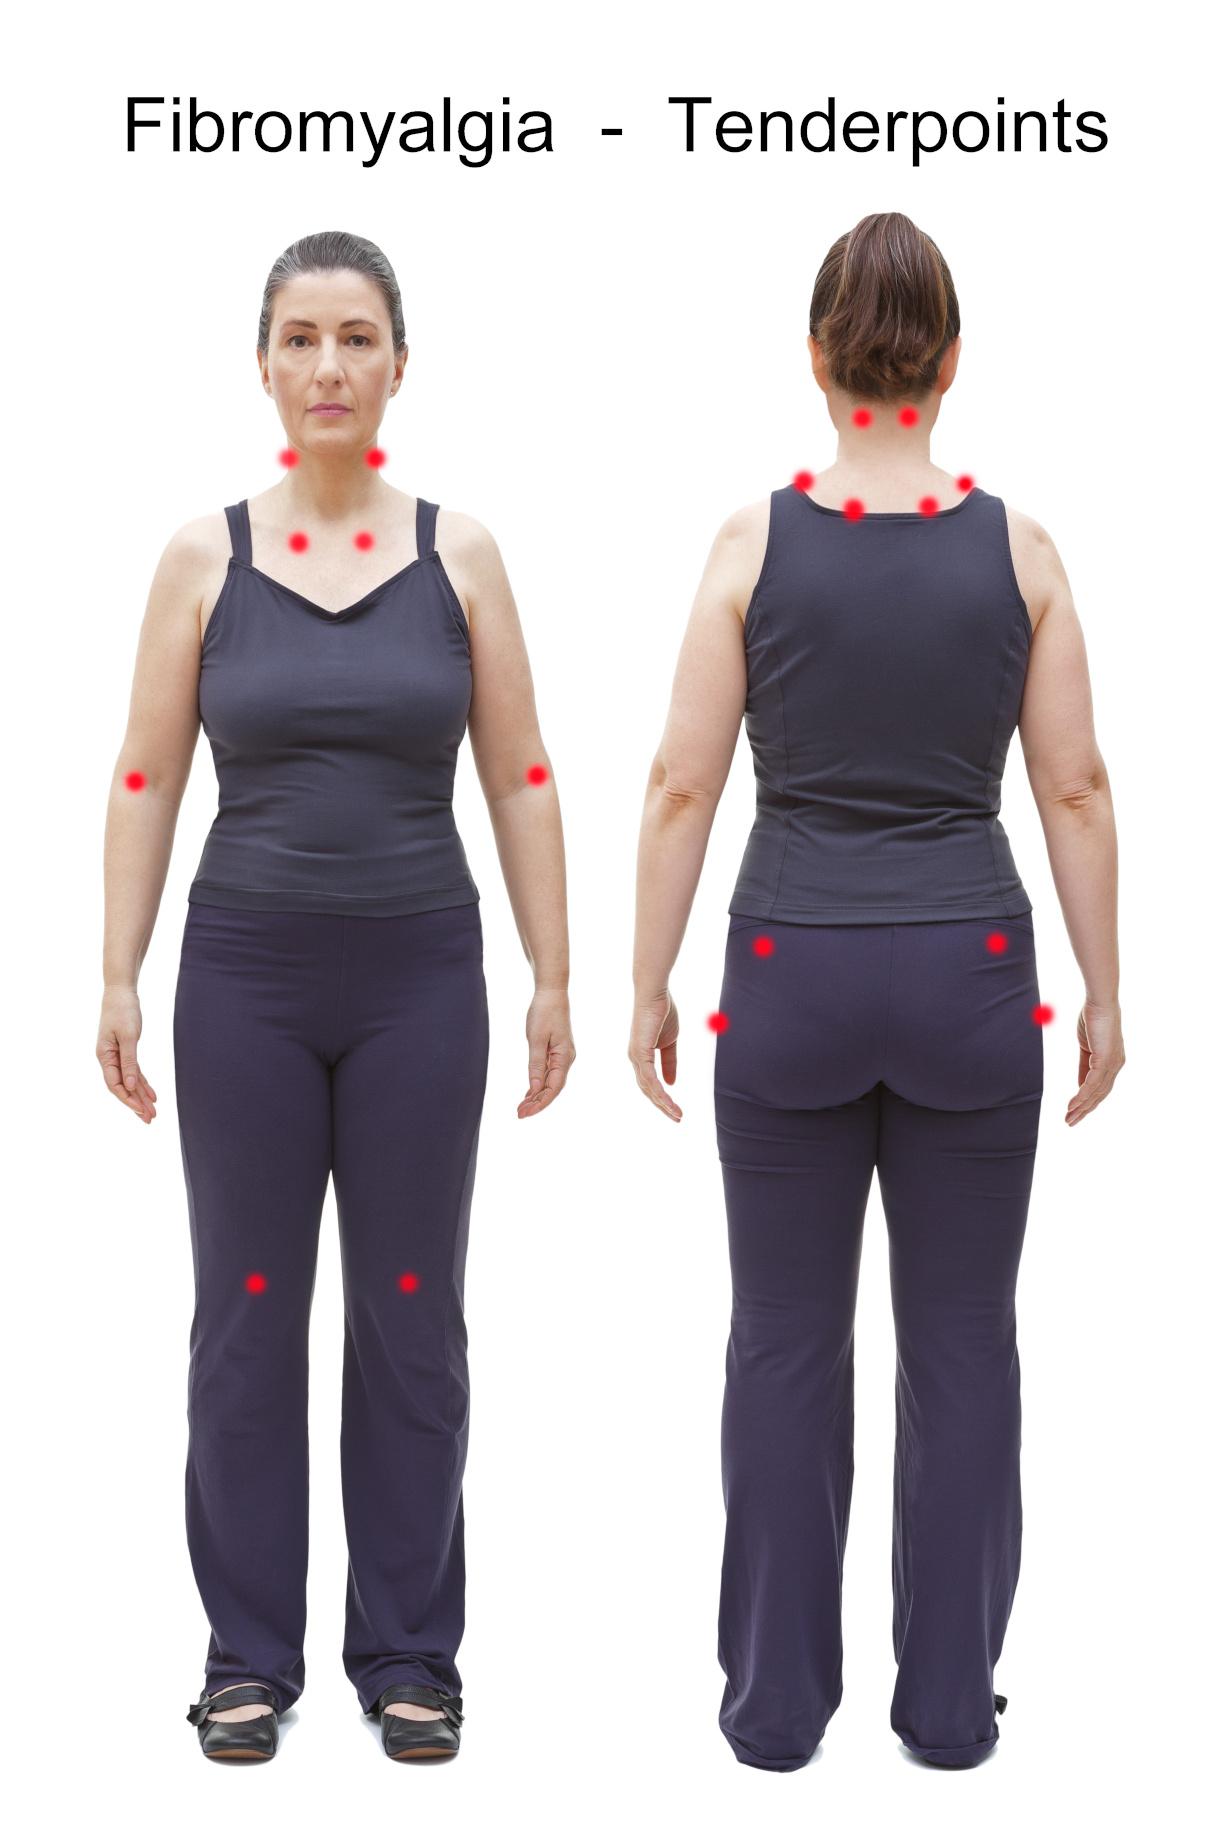 tender points fibromialgia